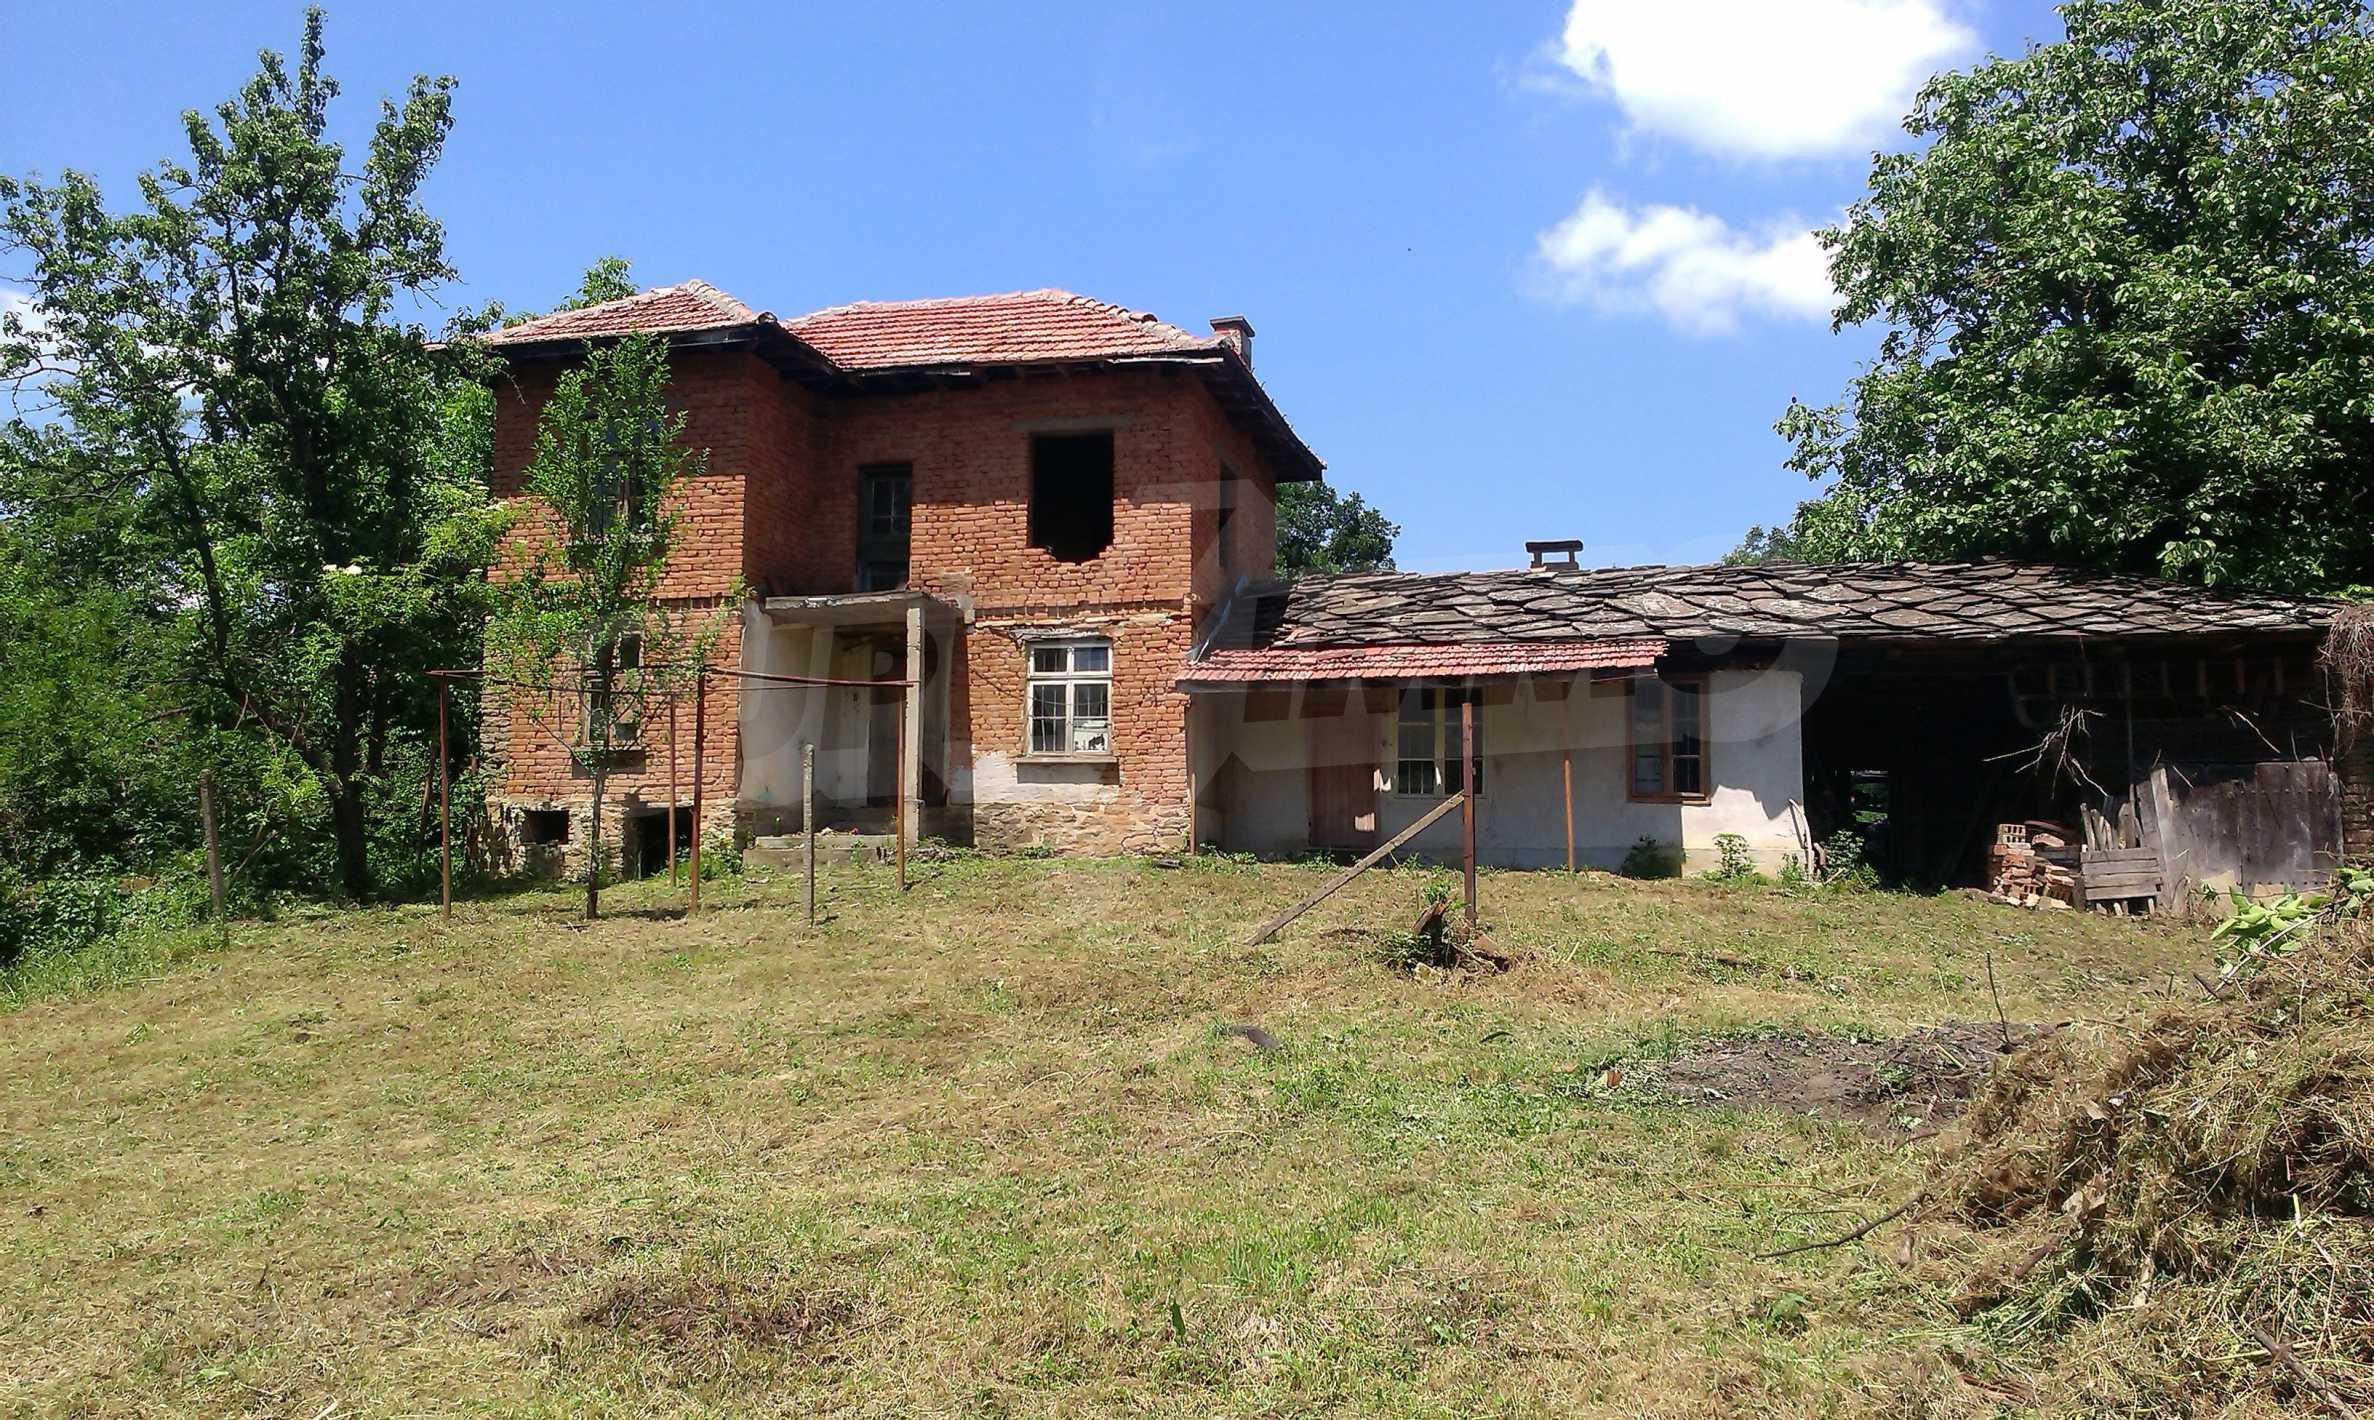 Двуетажна тухлена къща на 40 км от Велико Търново  31